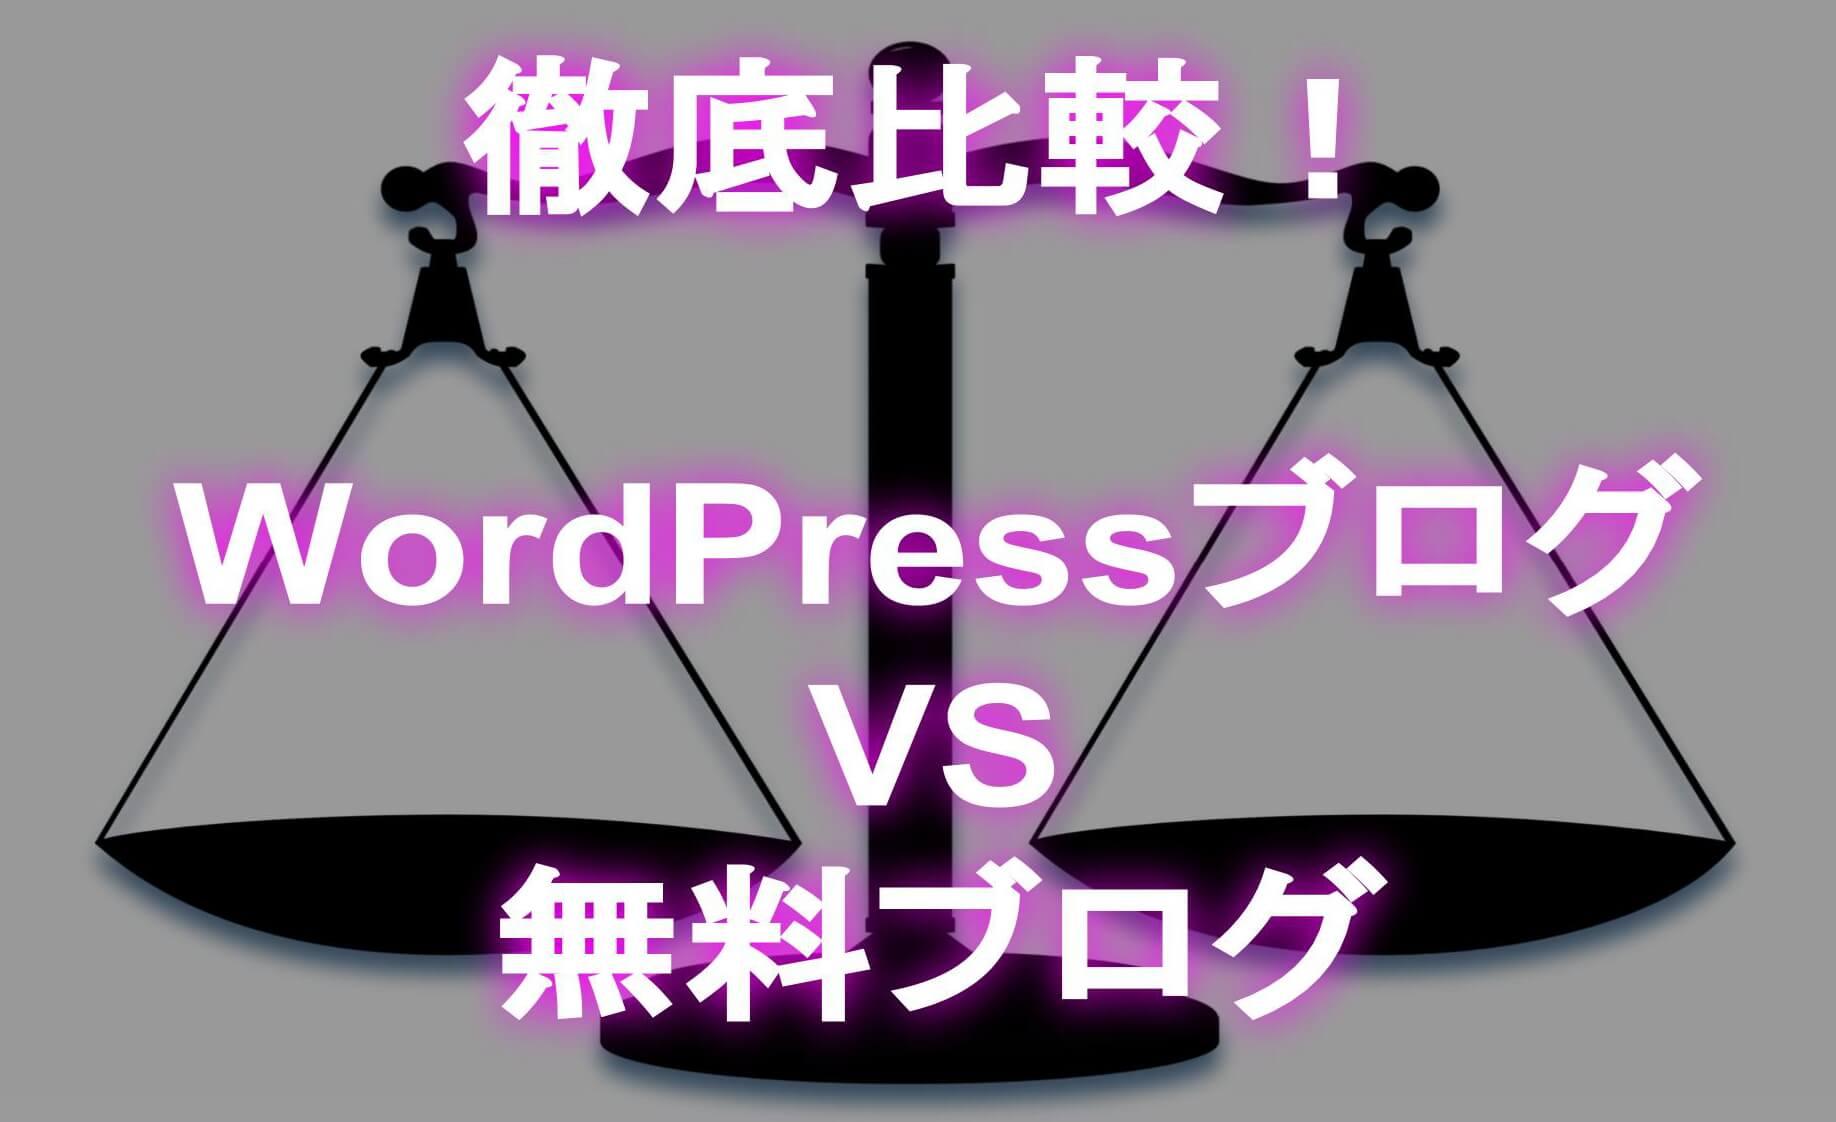 天秤 テキスト「徹底比較!WordPressブログVS無料ブログ」